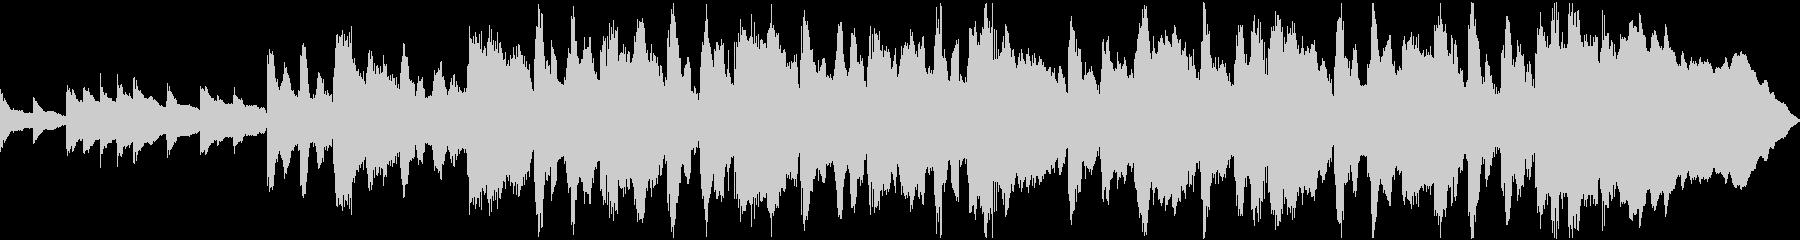 アコースティックサウンドのミニマル...の未再生の波形